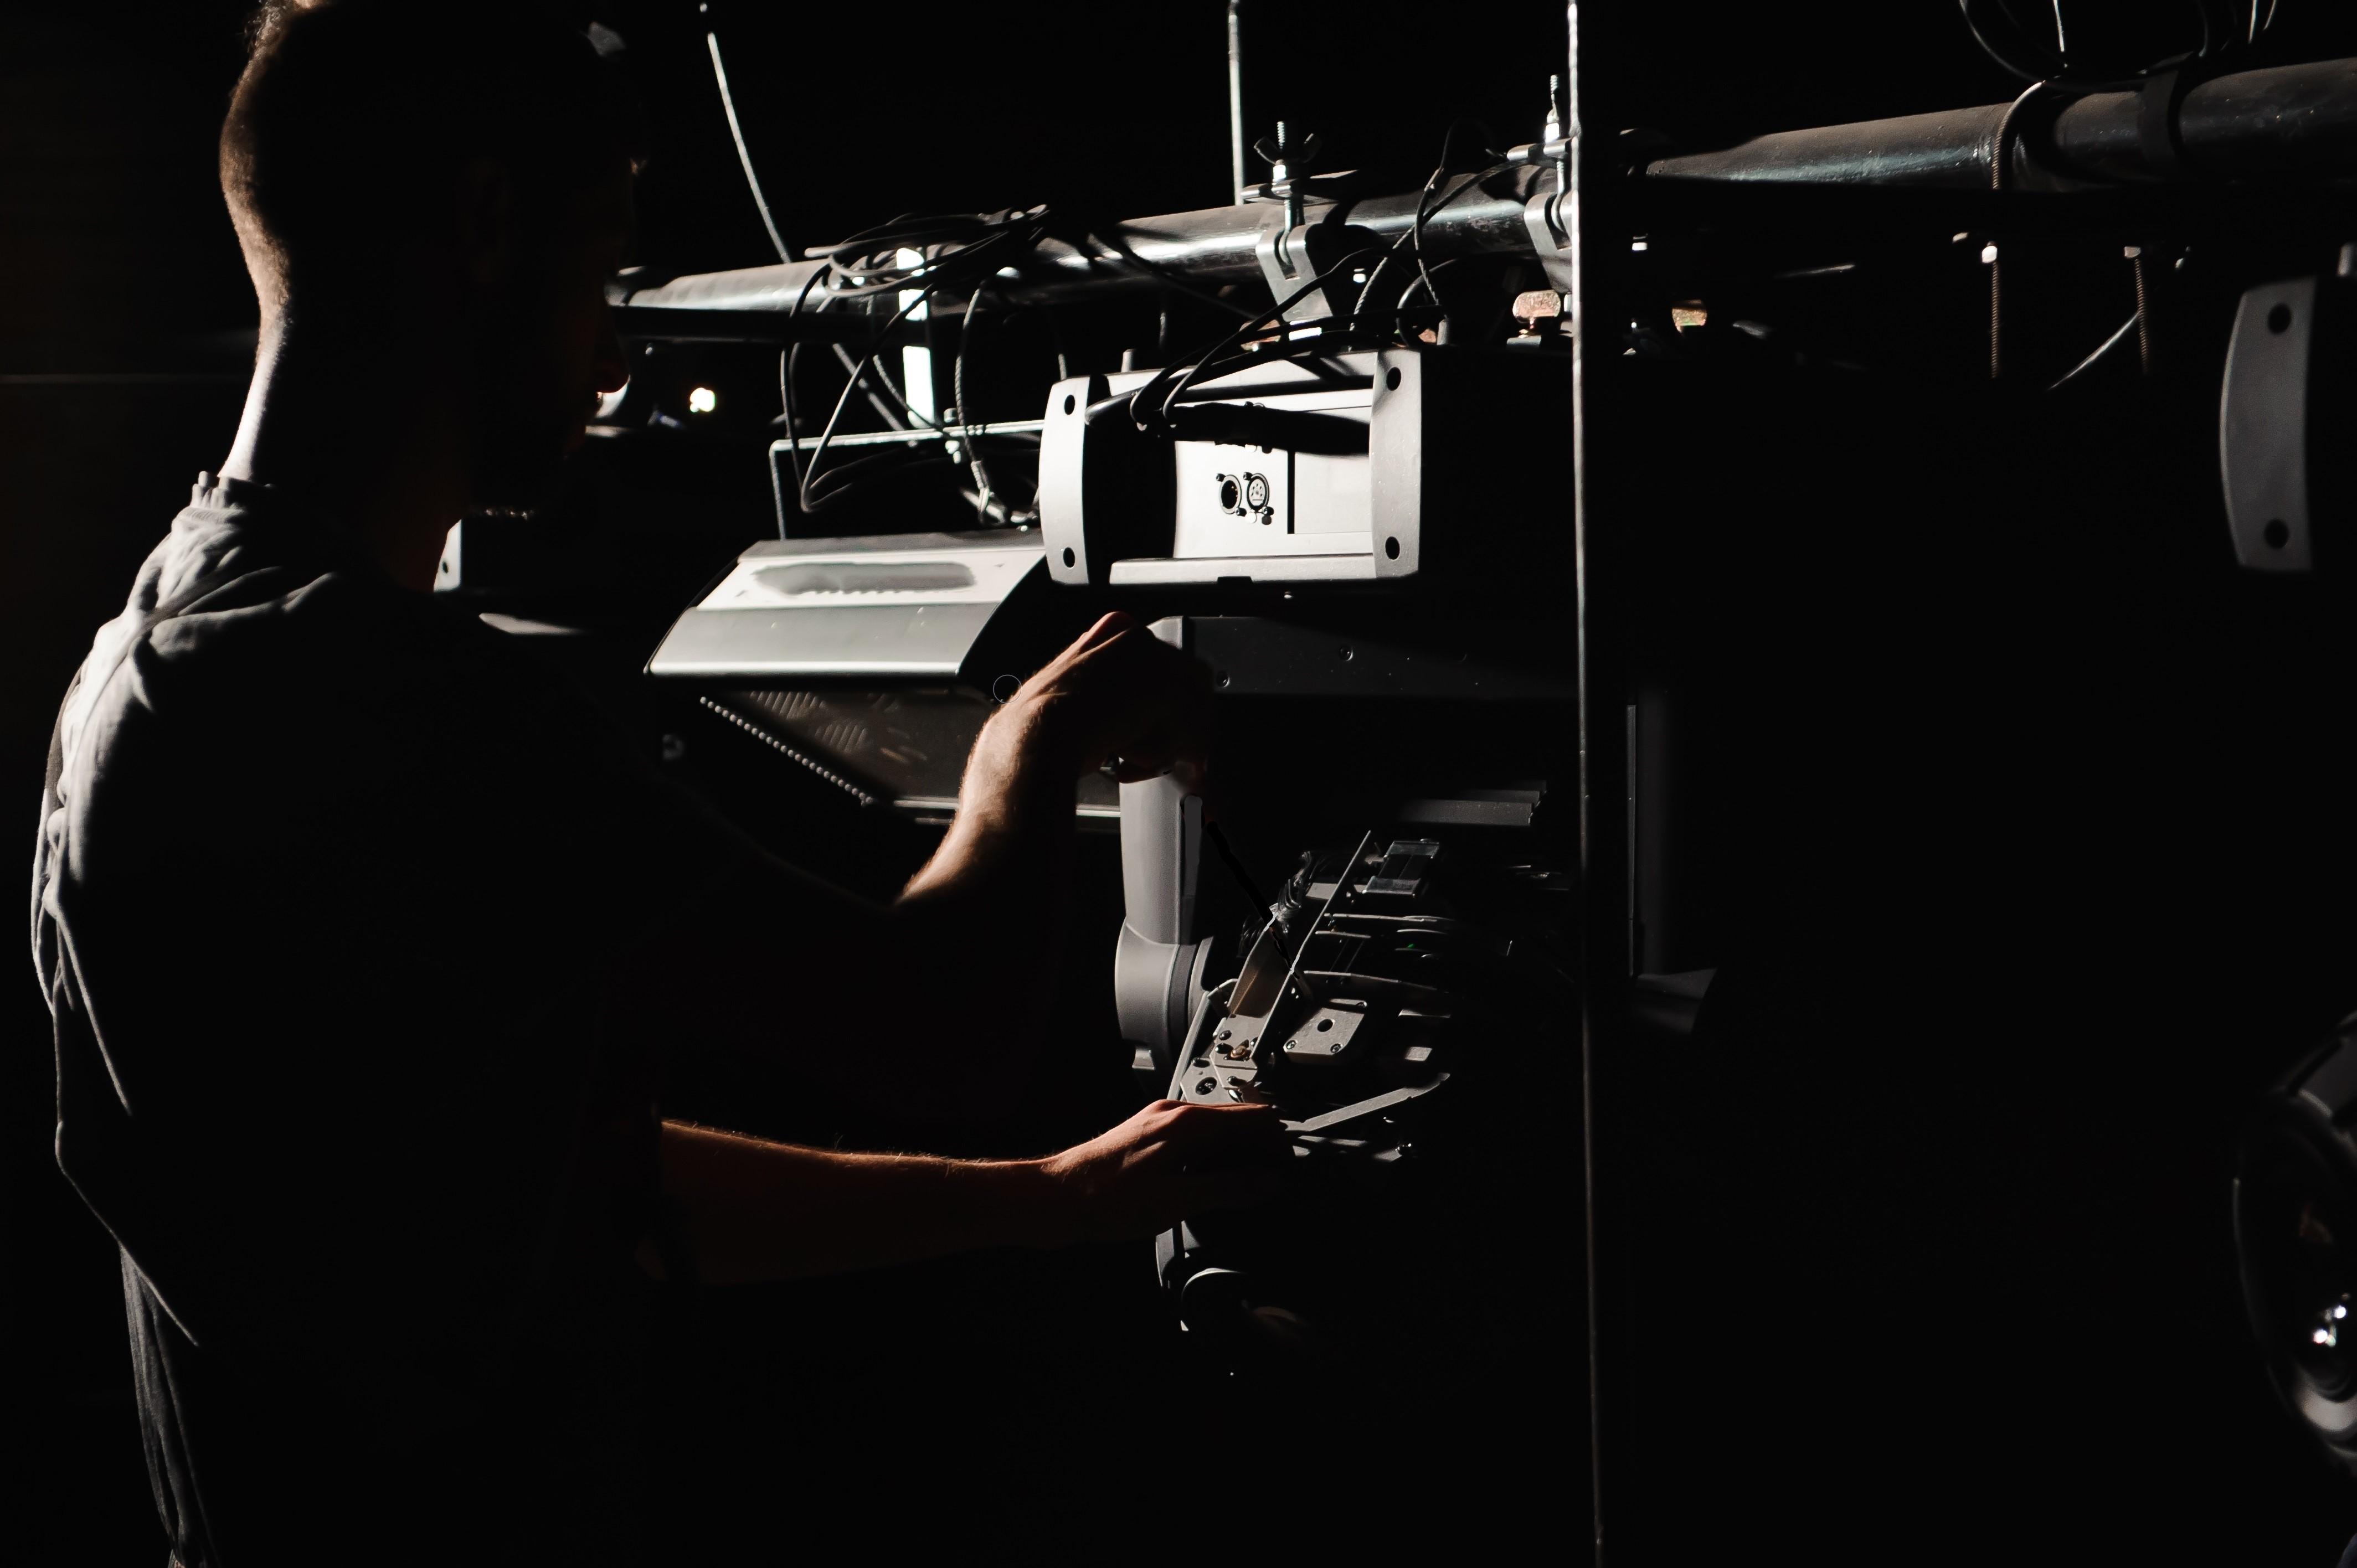 lighting engineer 3